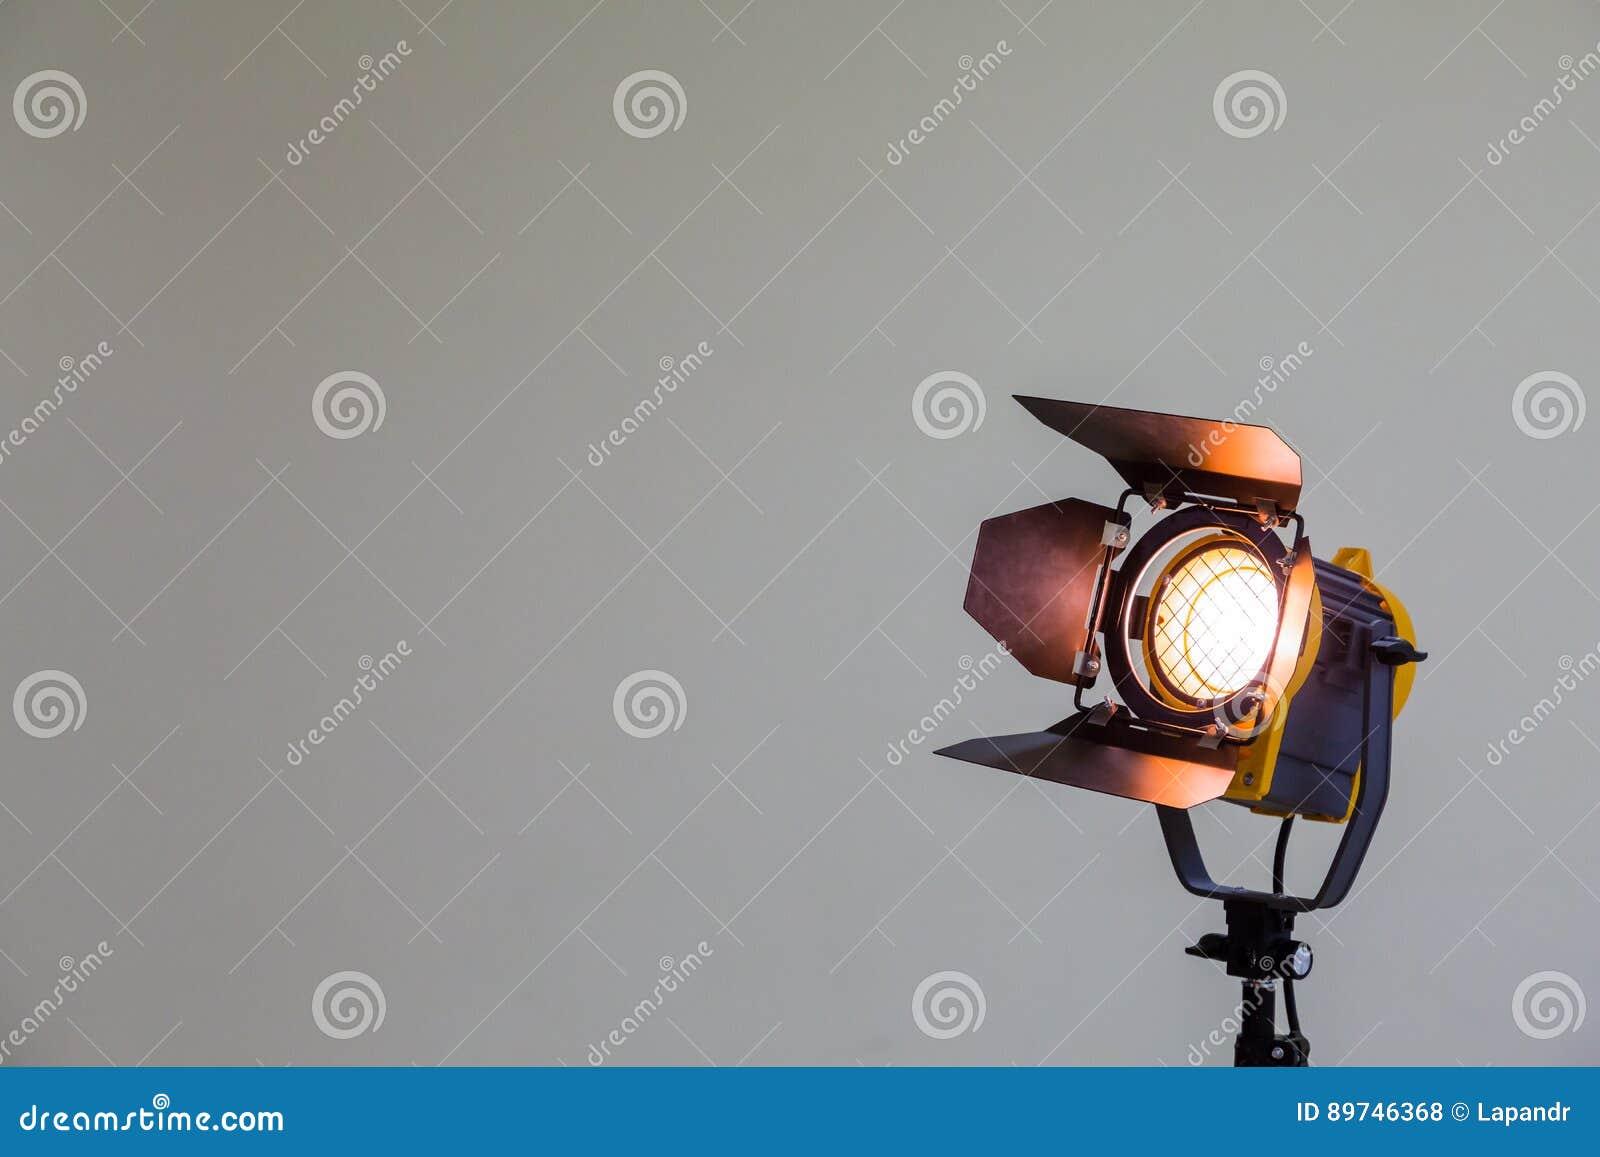 Projecteur Avec L Ampoule D Halogene Et La Lentille De Fresnel